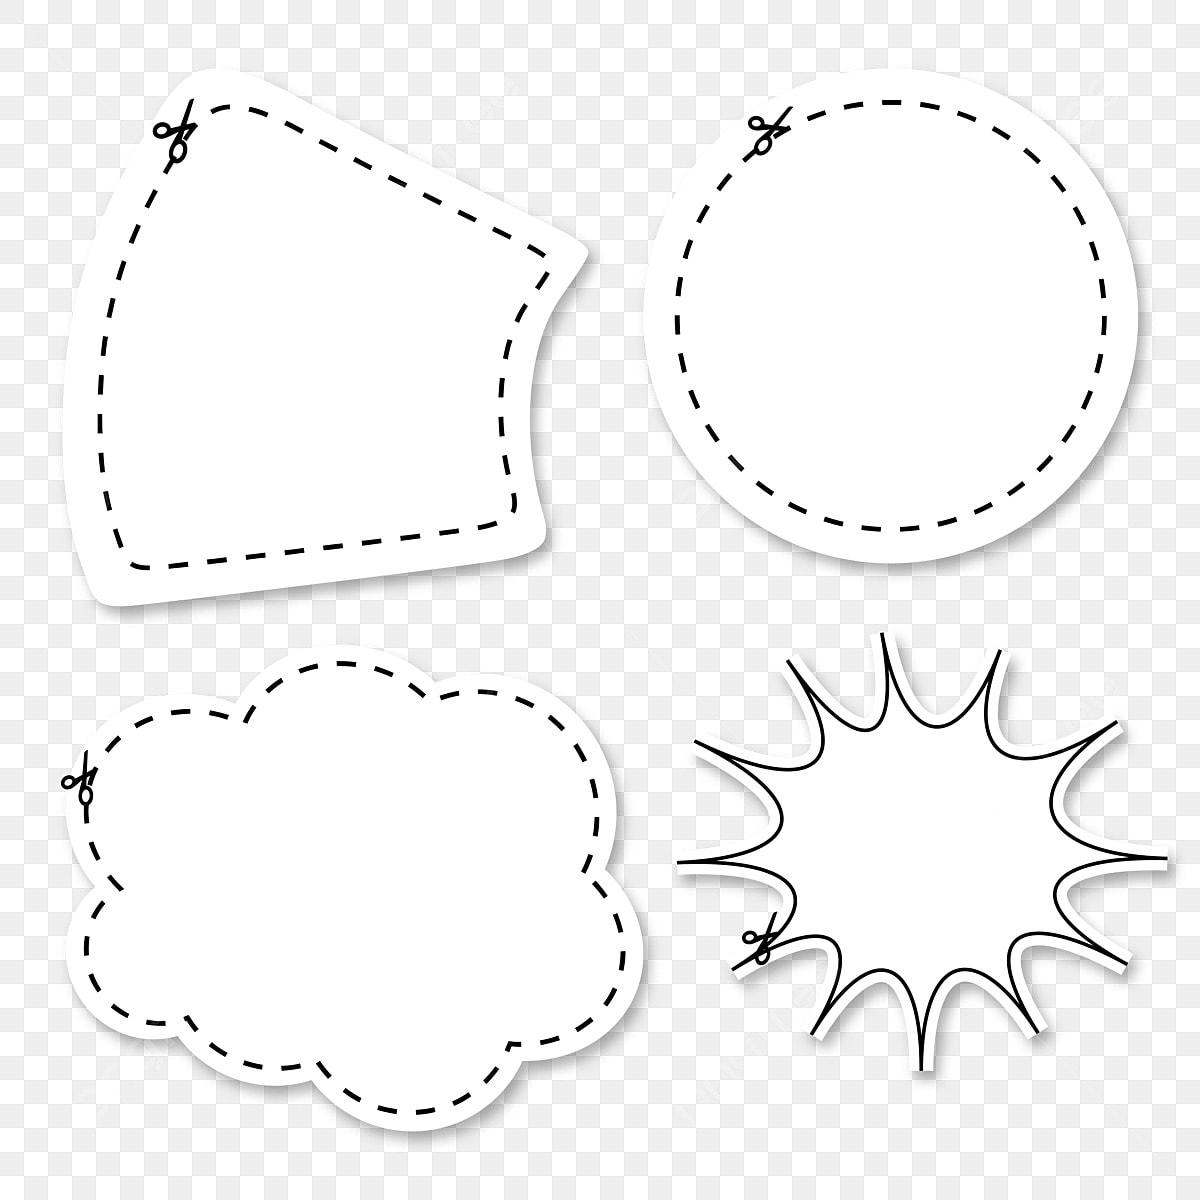 Tracing basic shapes | worksheet | education. Com.